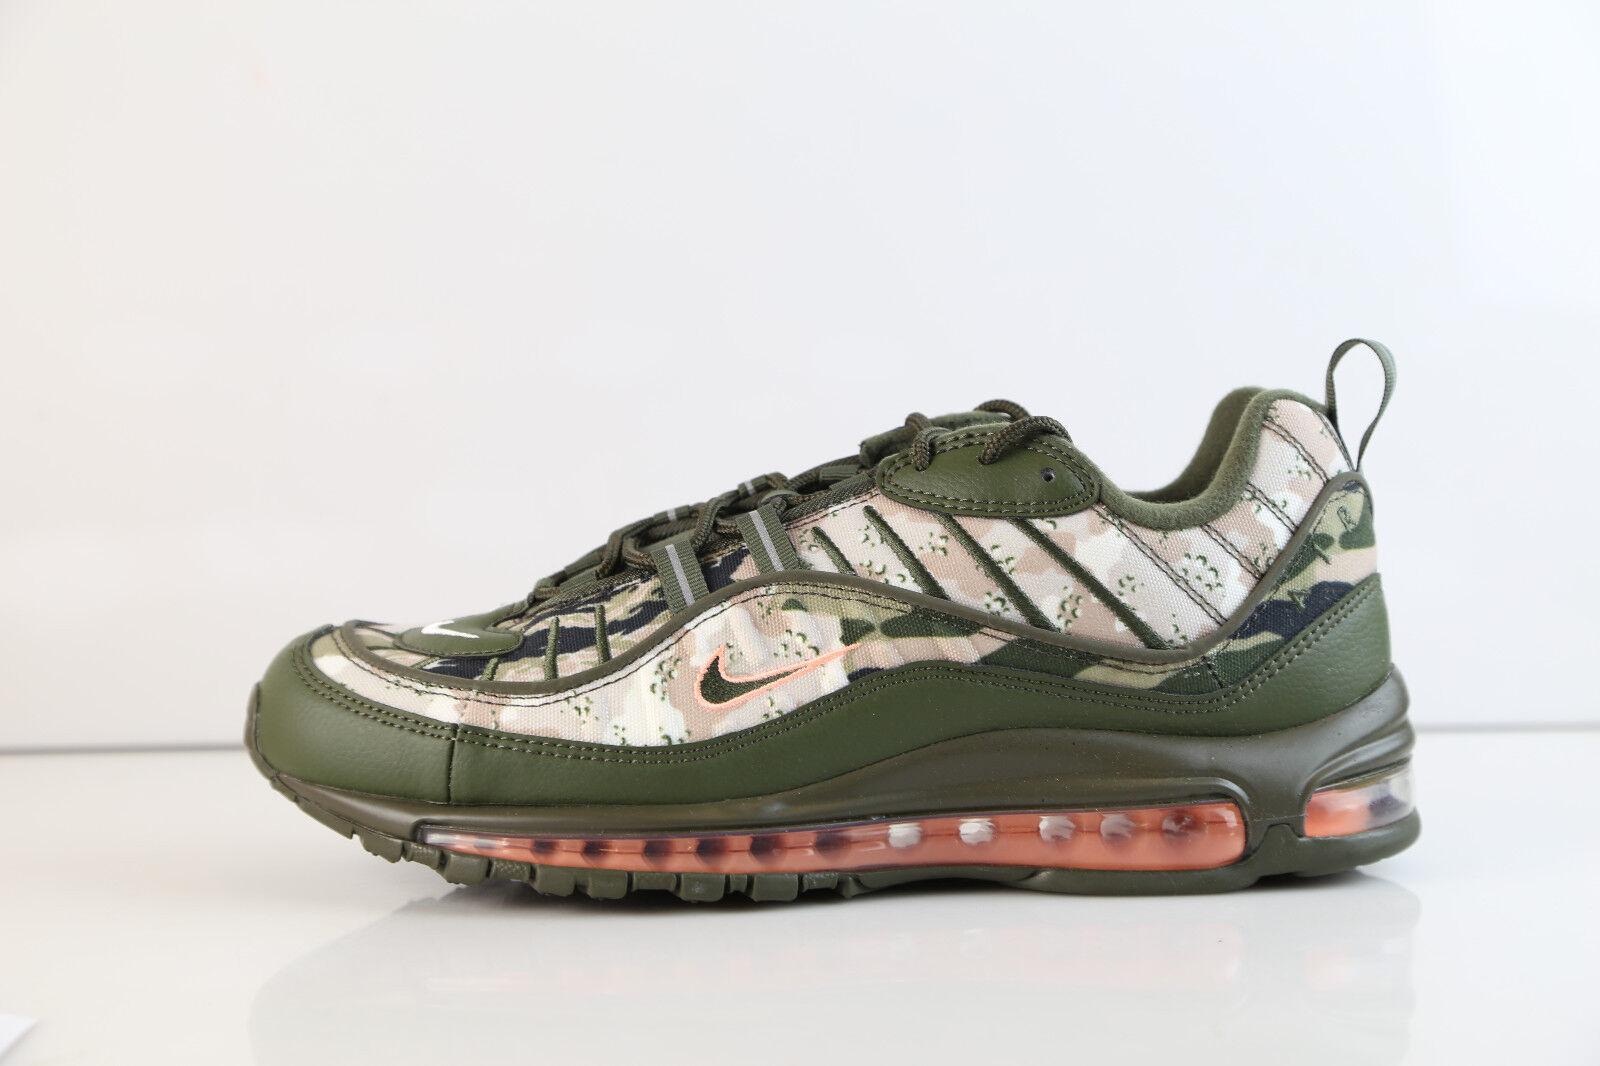 Nike air max 97 mimetico carico cachi tramonto tinta aq6156-300 sonodiventate gli 8 e i 13 1